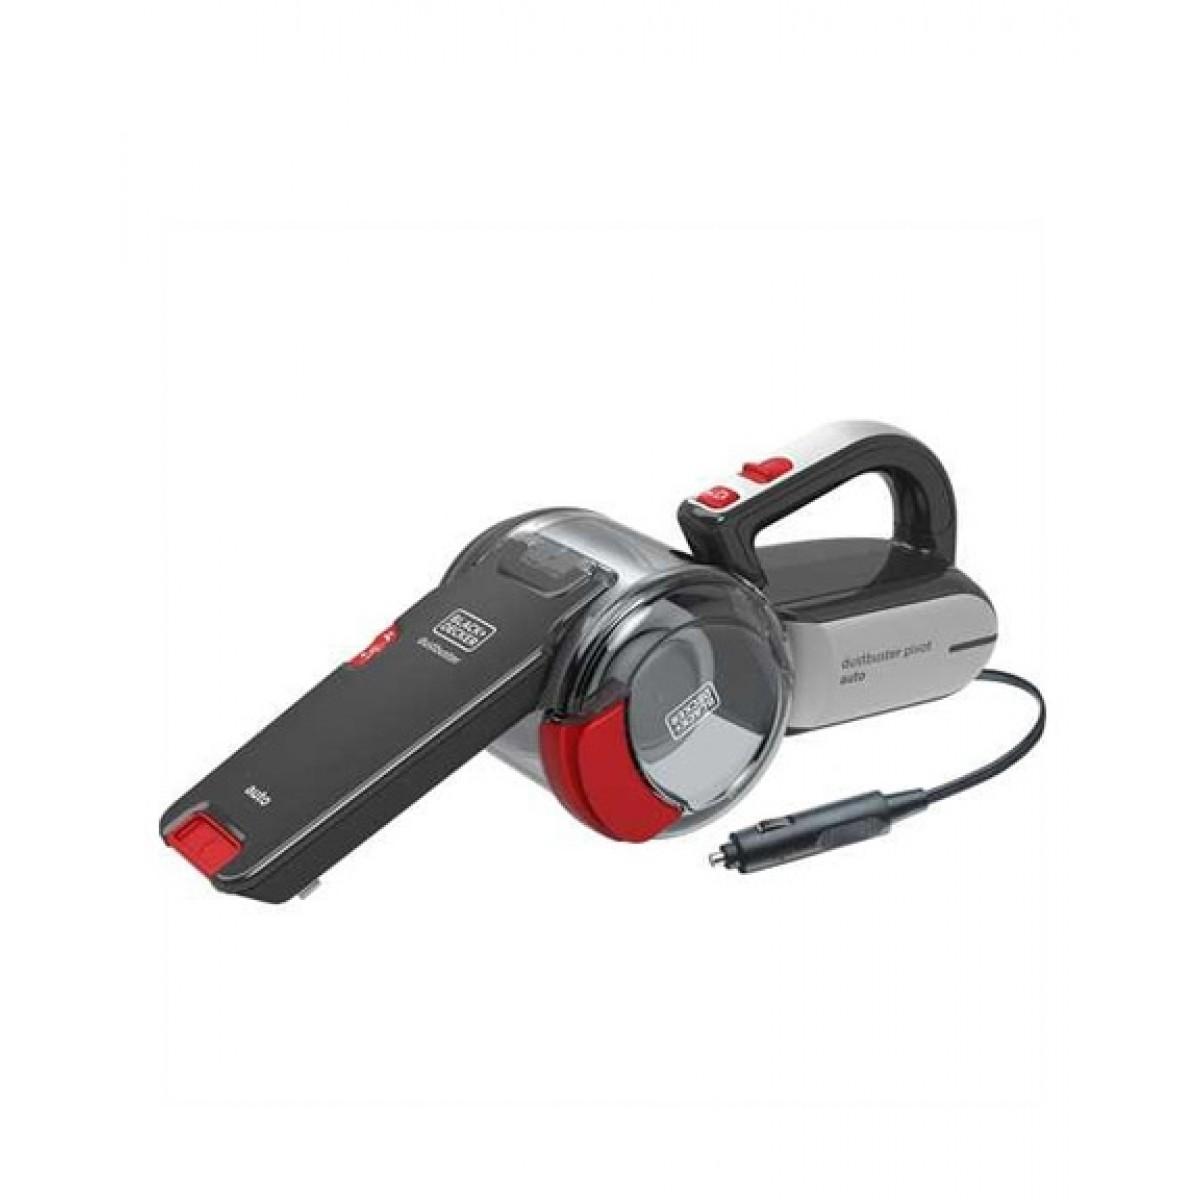 Black Decker Car Vacuum Cleaner Pv1200 Price In Pakistan Buy